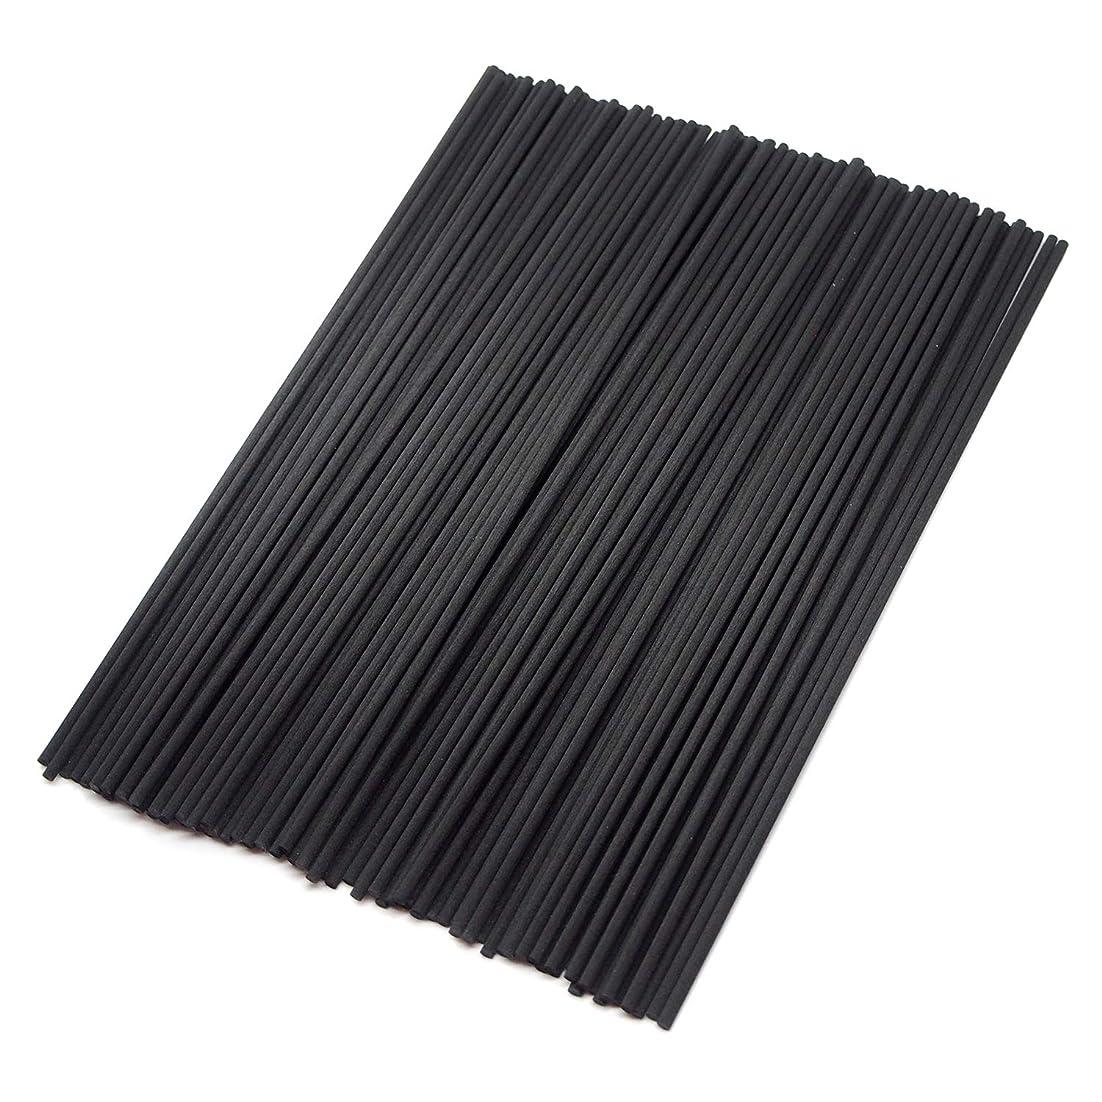 バケツ織機無駄な【Fiveten】 リードディフューザー用 ラタンスティック 標準サイズ アロマリード リフィル 100本 (ブラック)